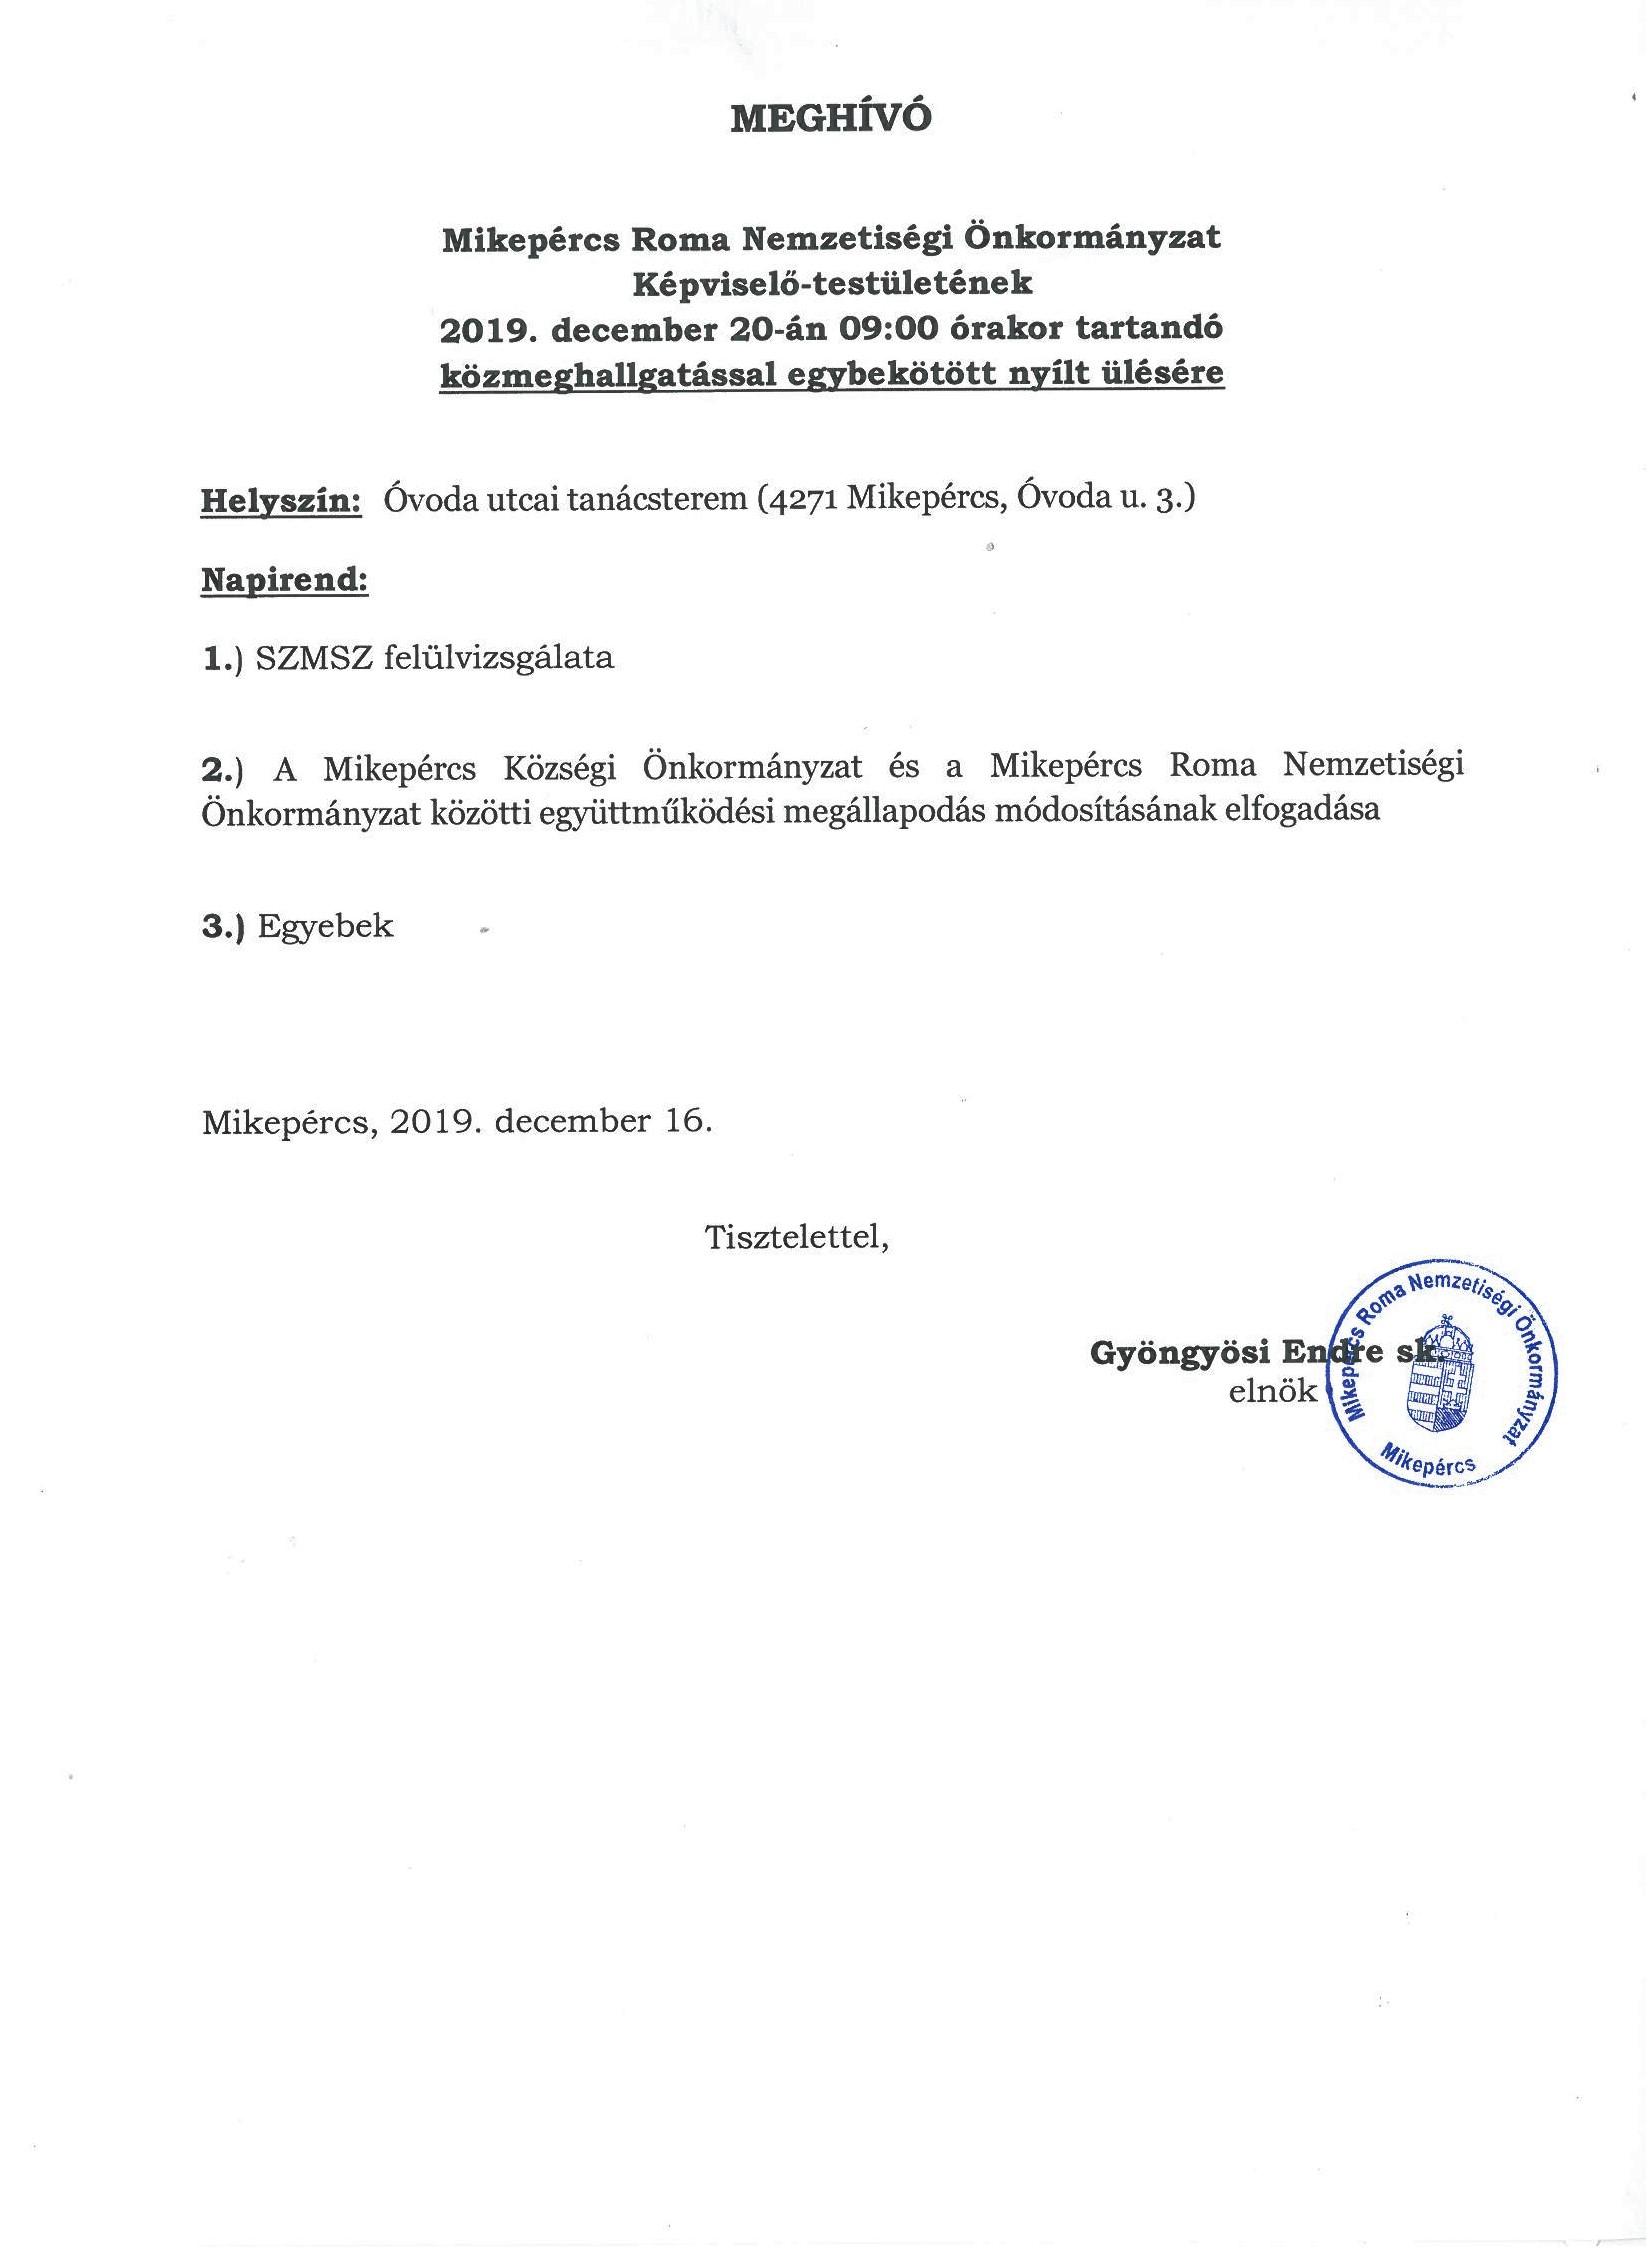 Meghívó a Mikepércs Roma Nemzetiségi Önkormányzat Képvíselő-testületének közmeghallgatással egybekötött nyílt ülésére